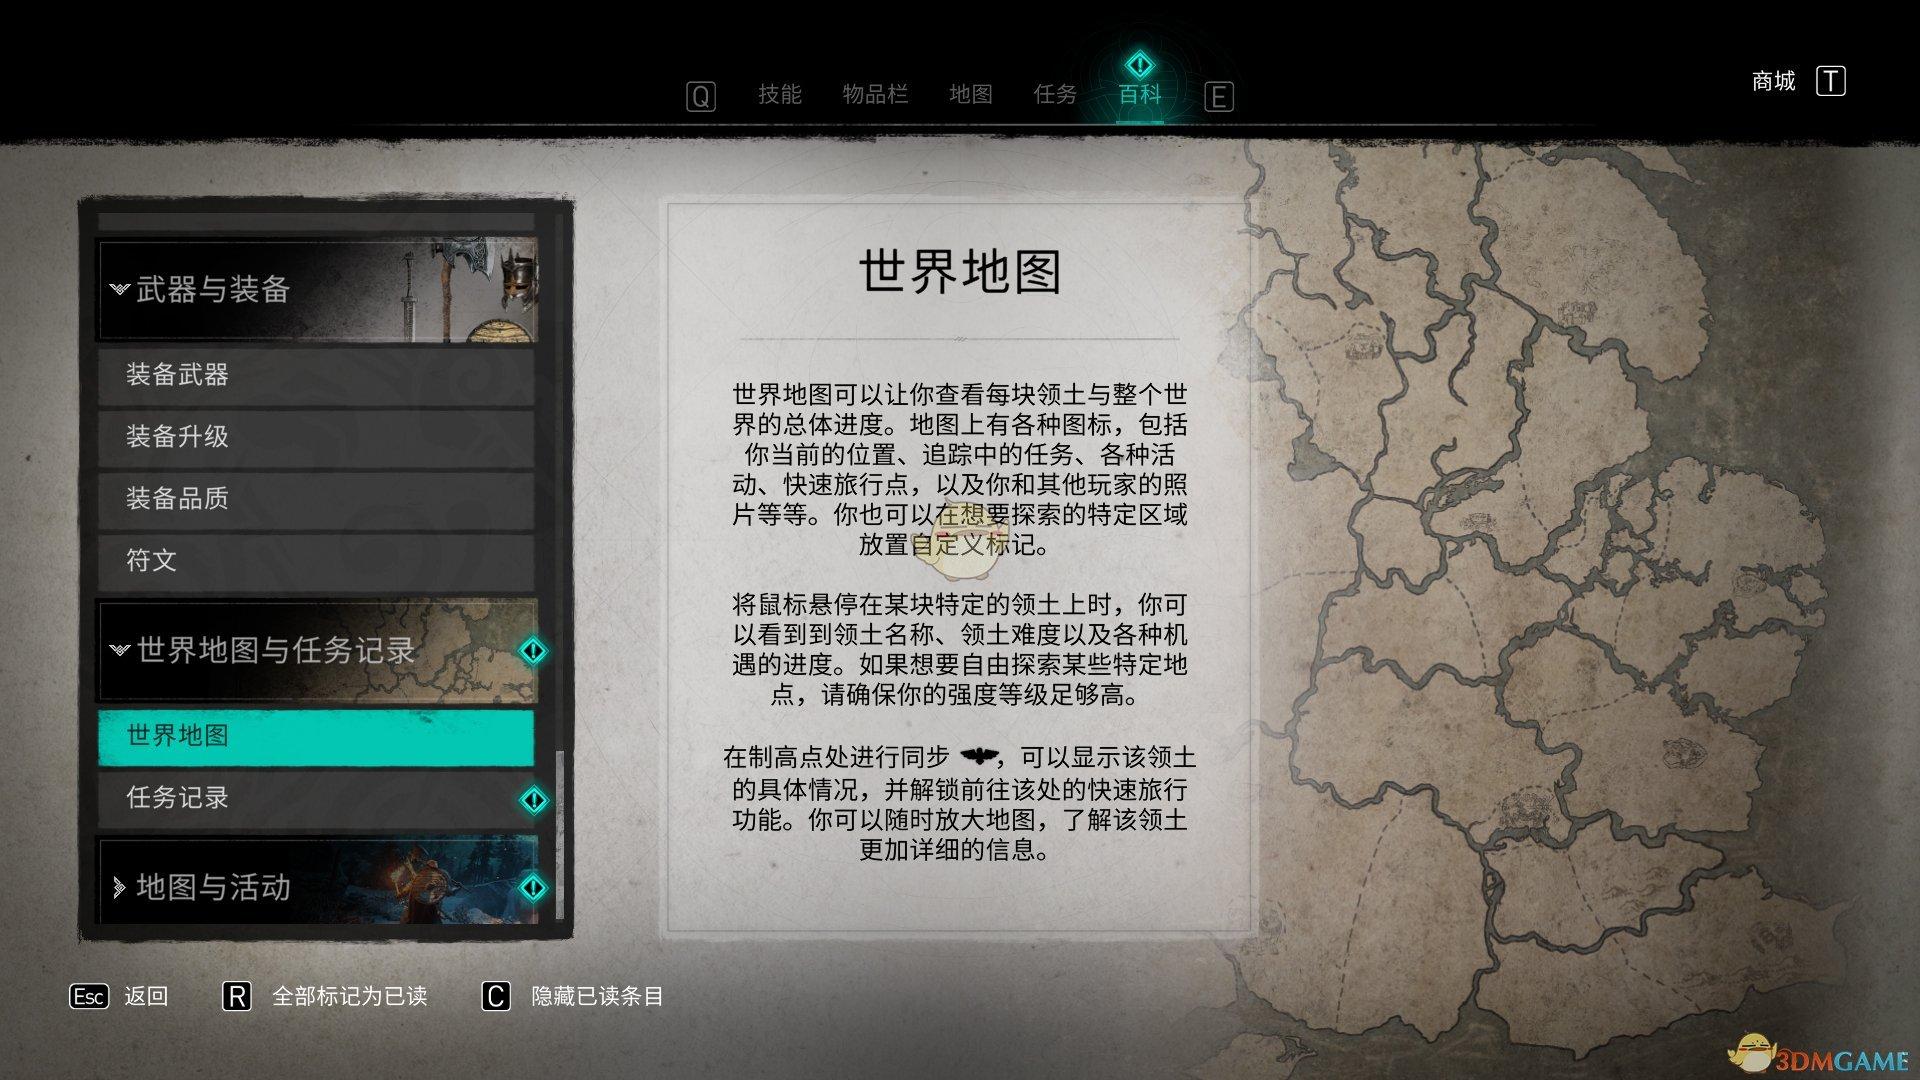 《刺客信条:英灵殿》世界地图系统介绍